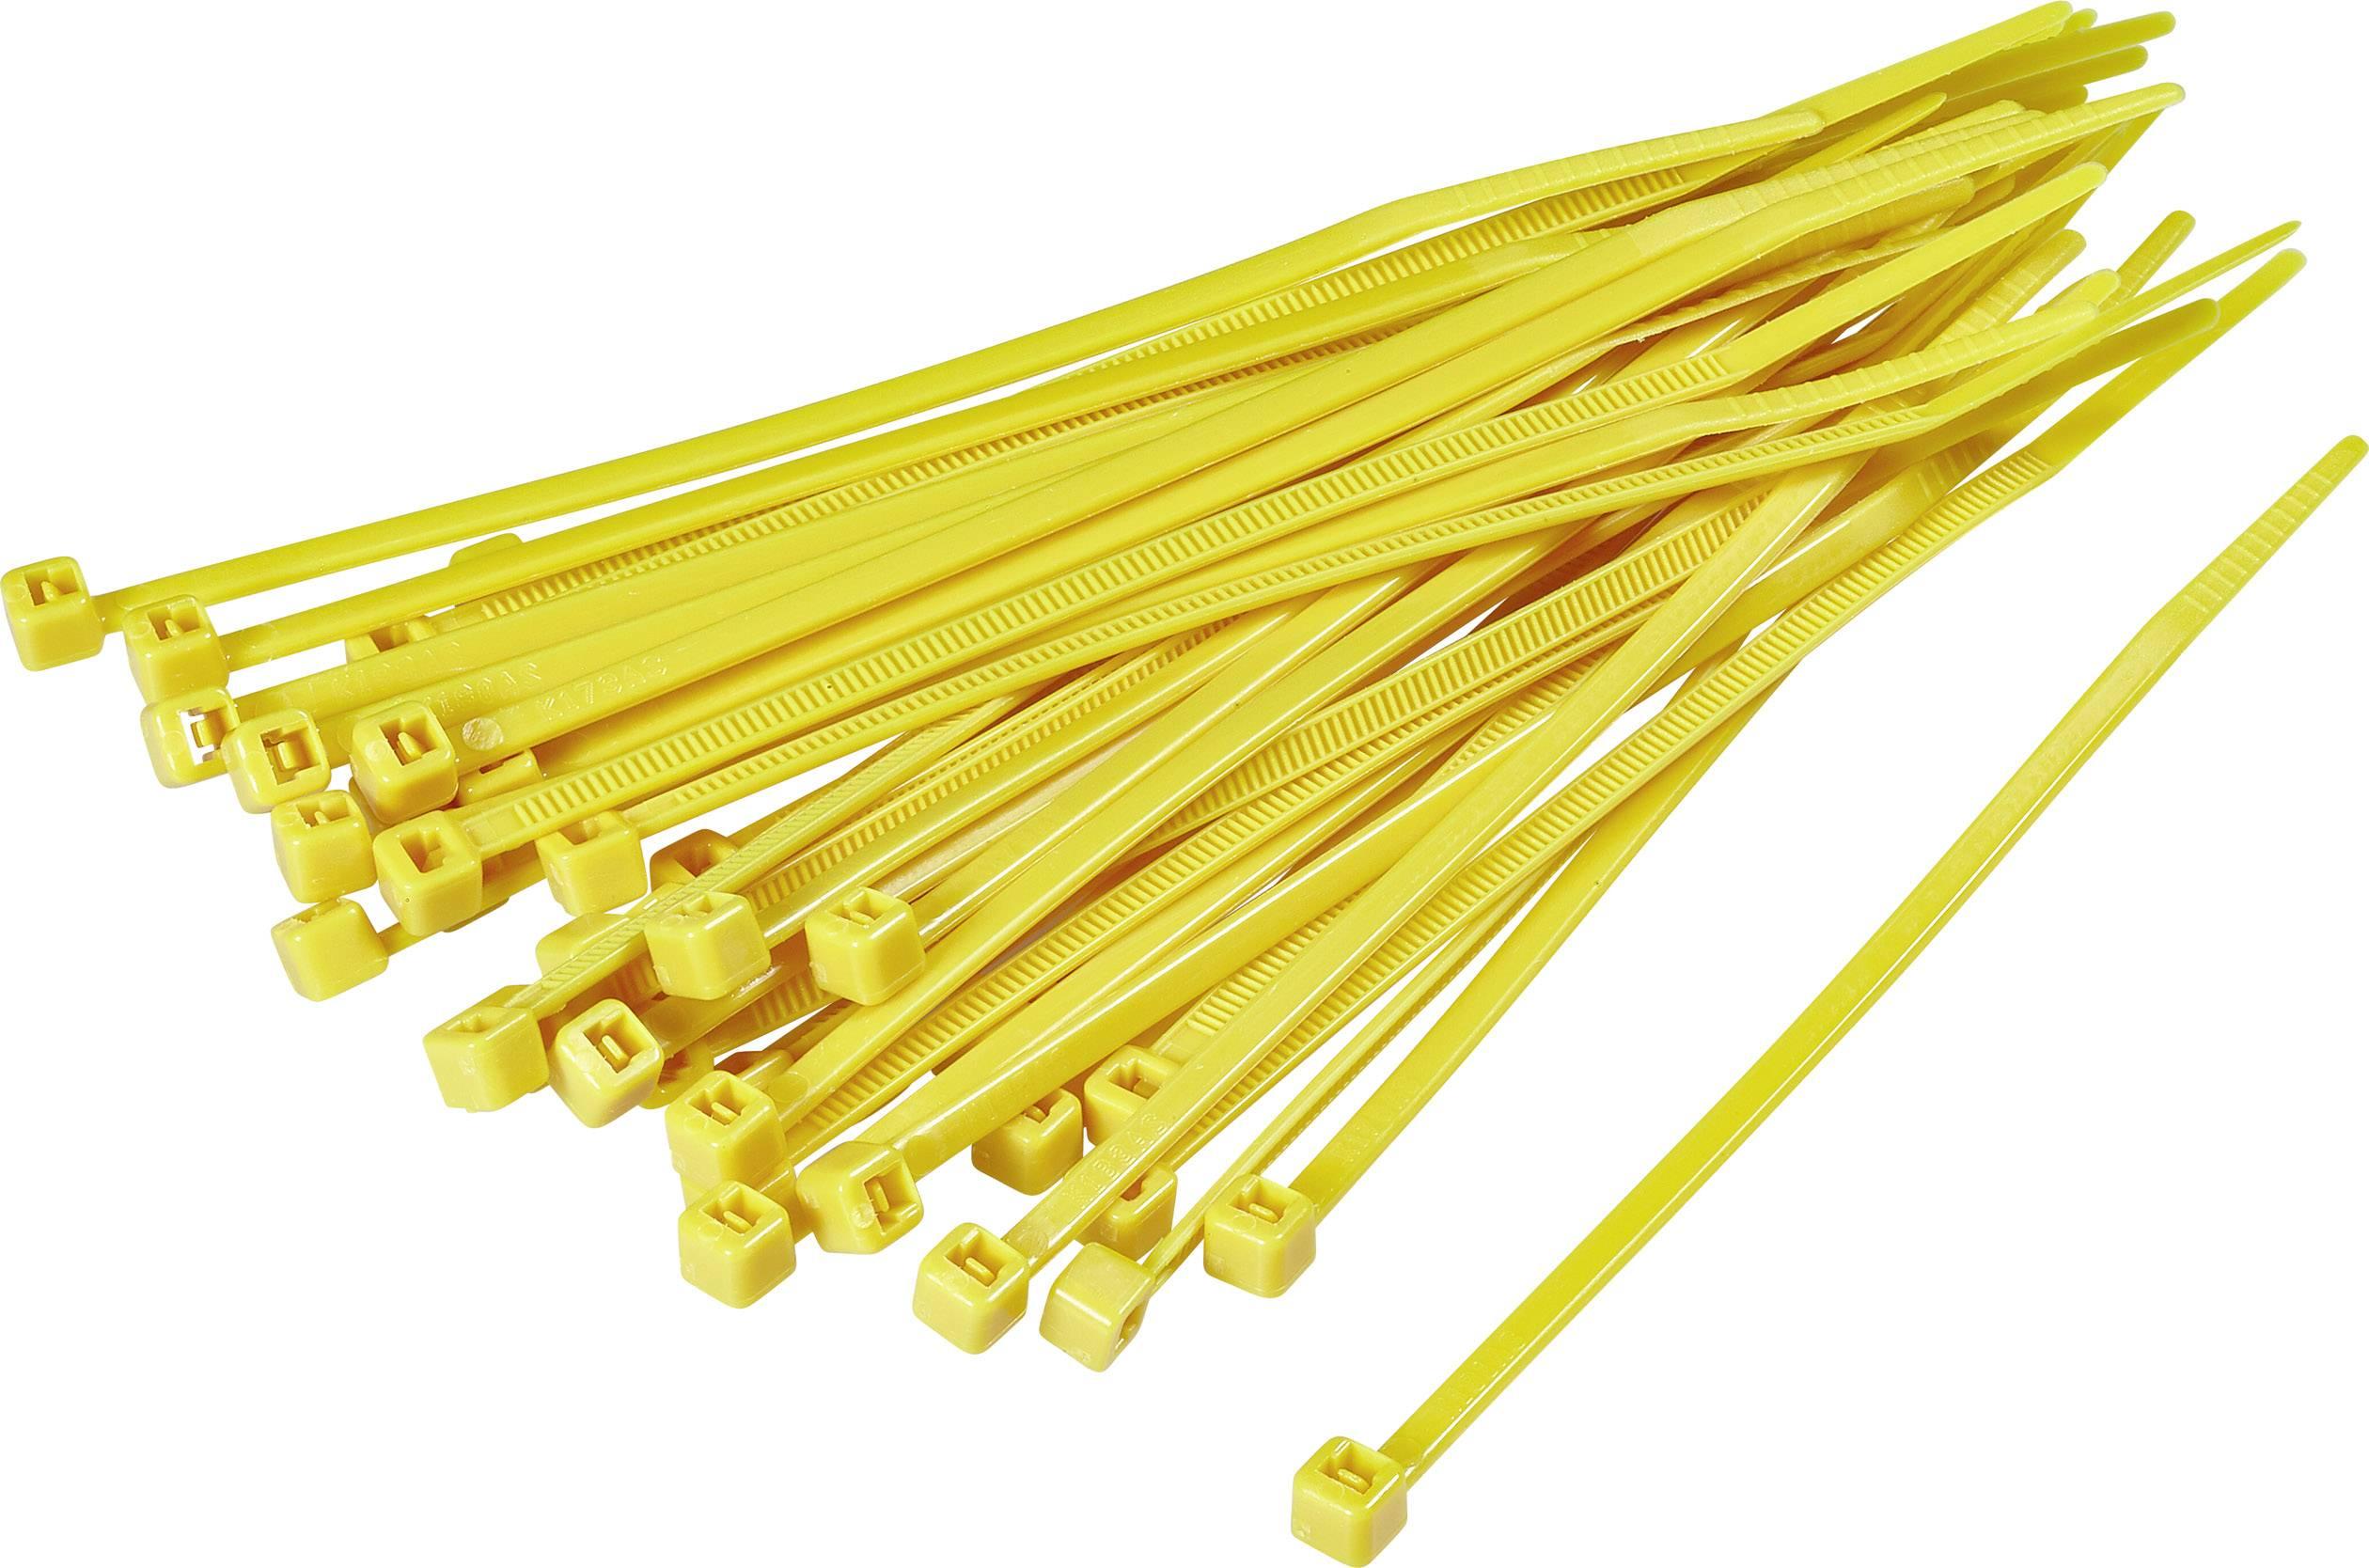 Sťahovacie pásky KSS CV200D 1369096, 203 mm, žltá, 100 ks